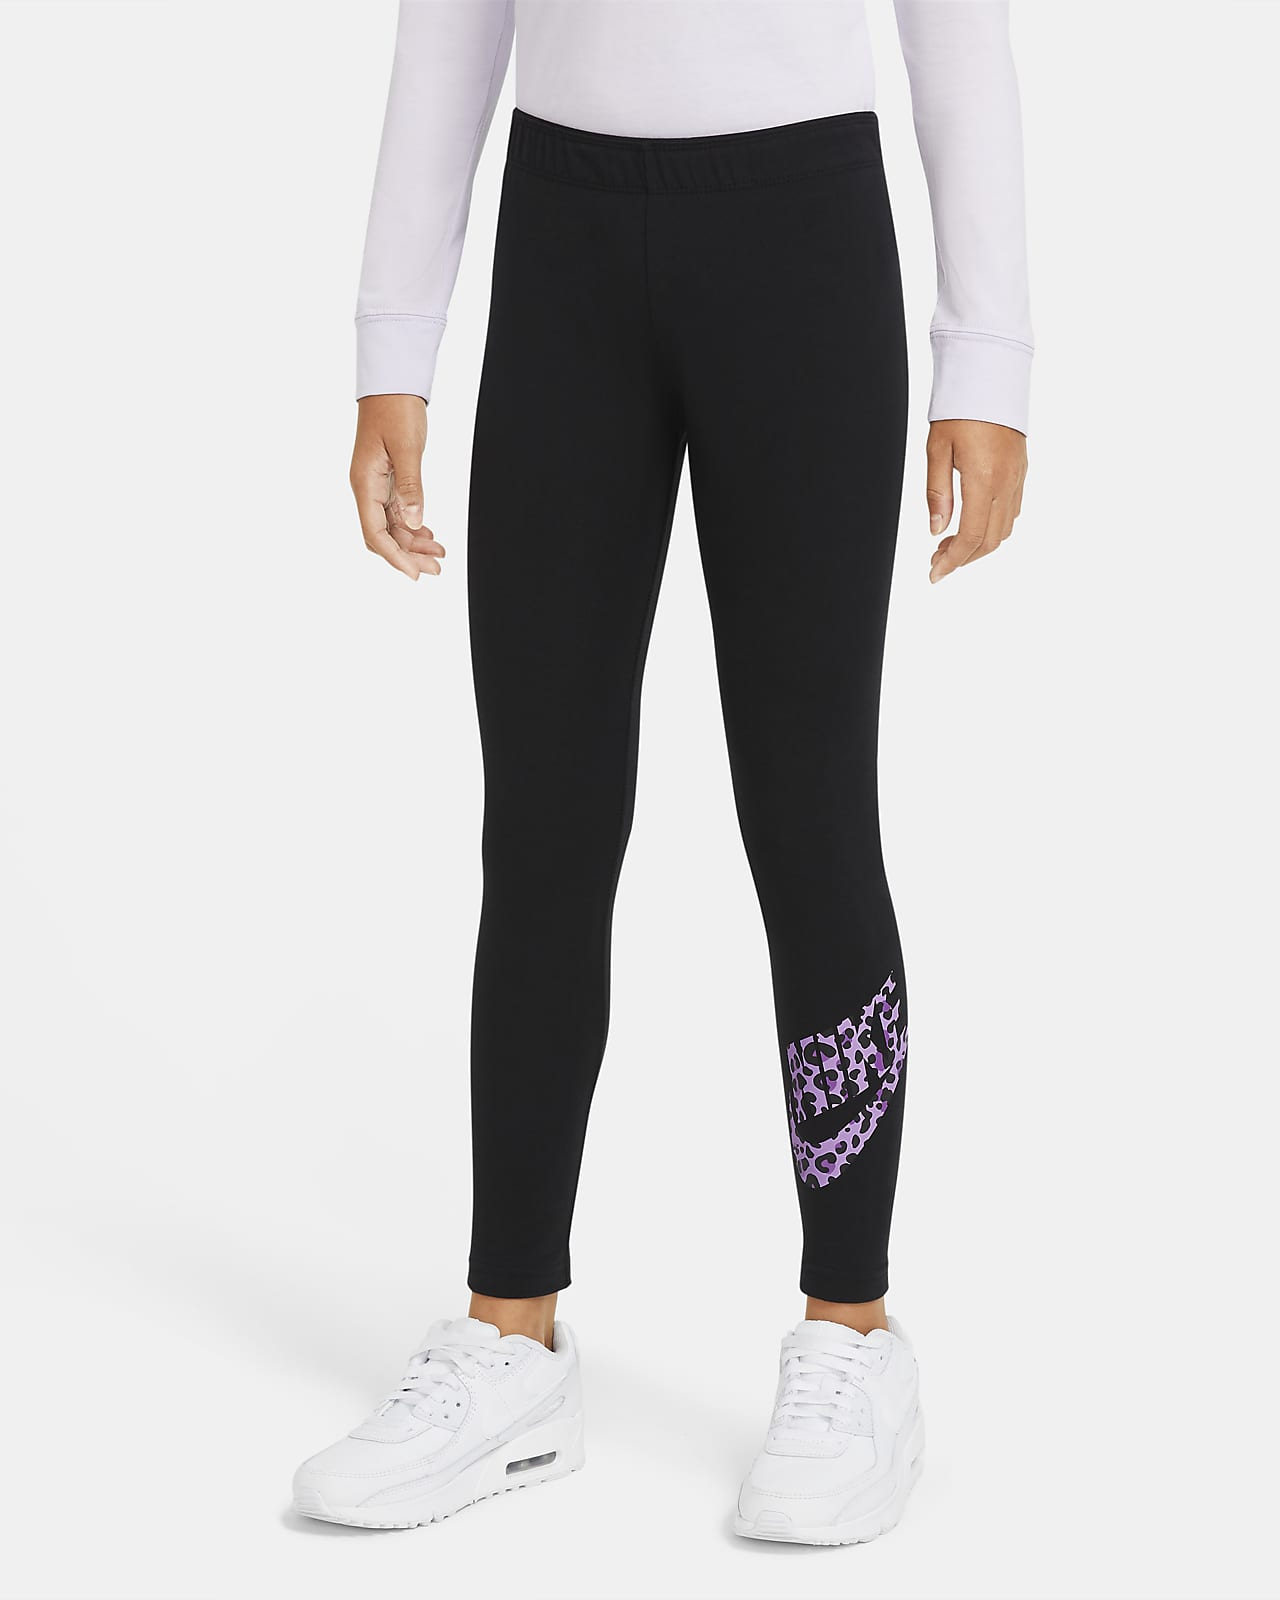 Nike Sportswear Favorites Leggings - Nena